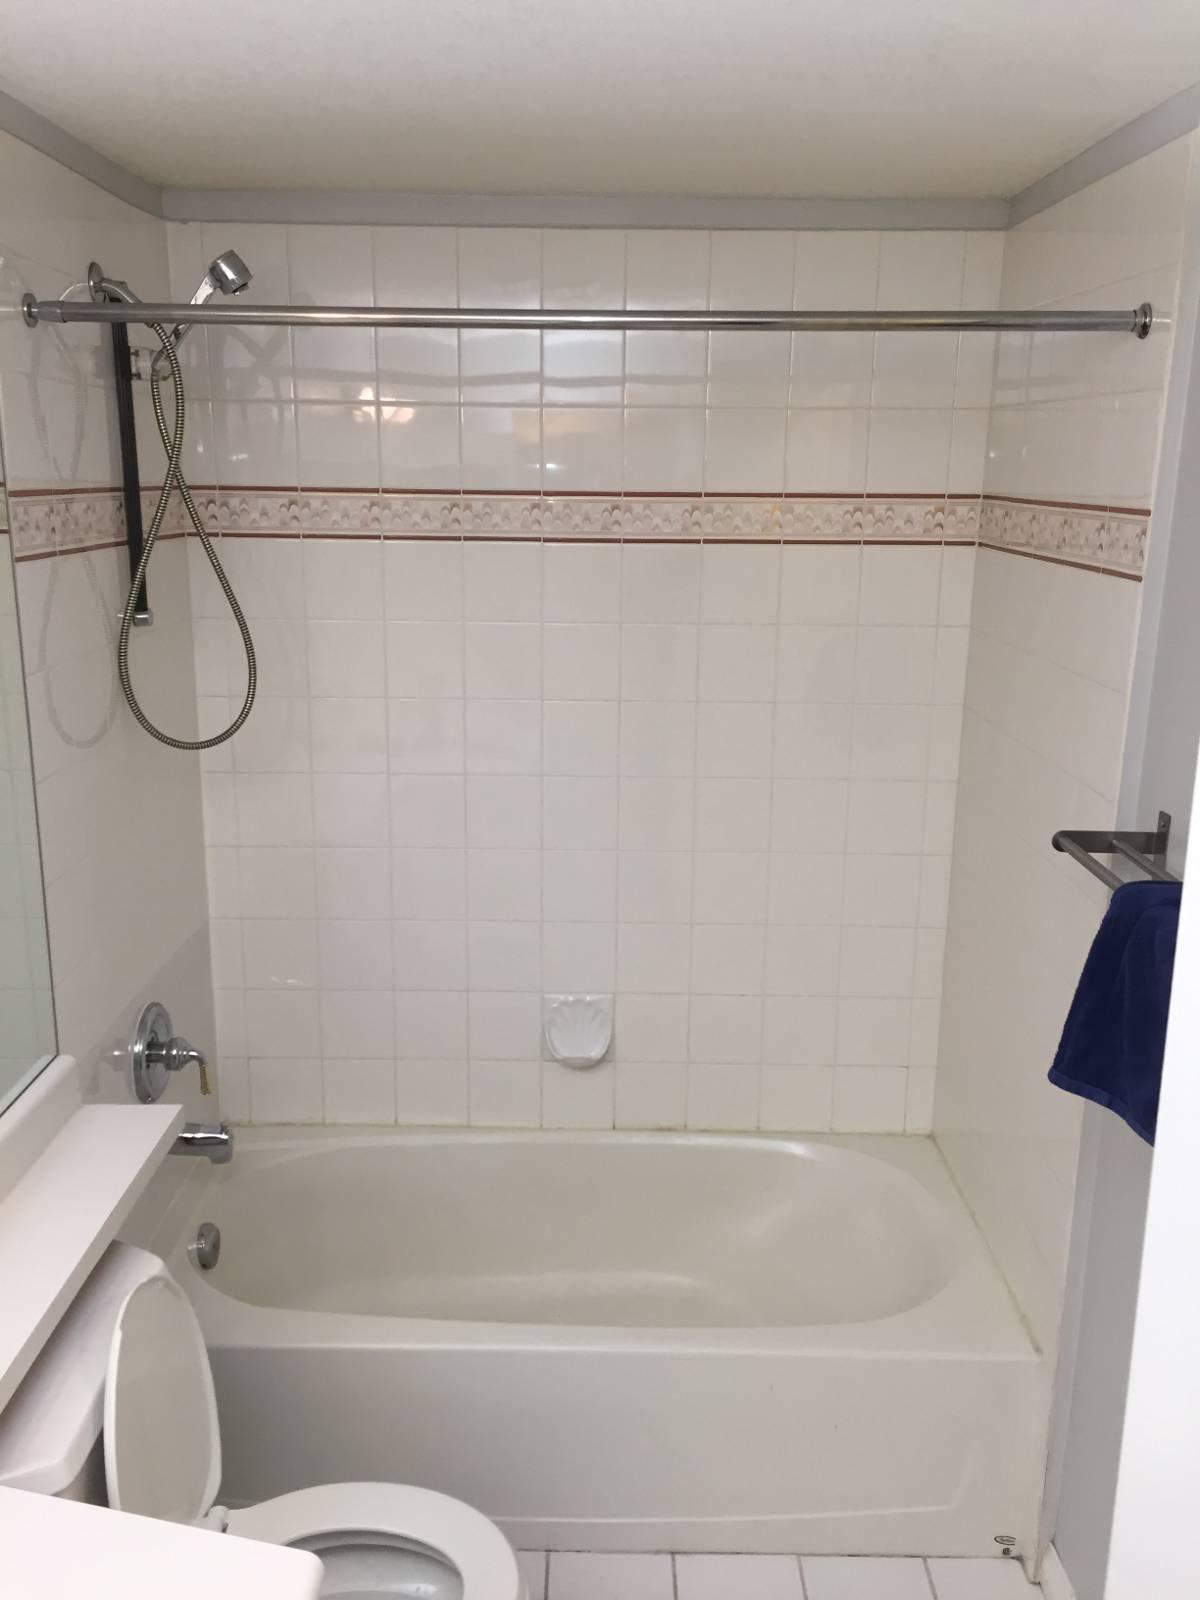 Bathroom Renovation Materials Costs